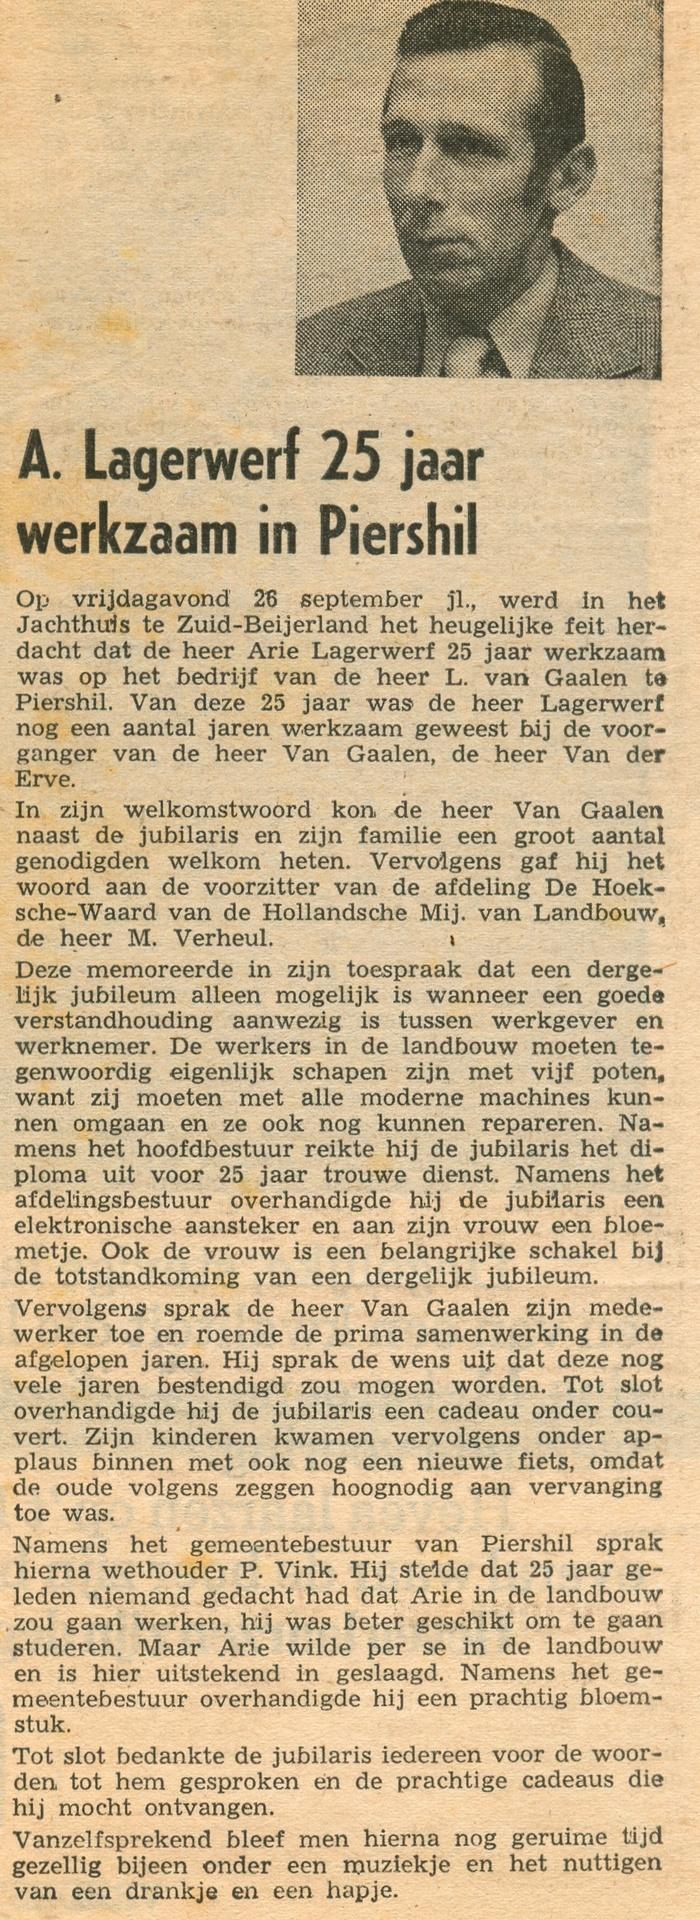 piershil-jubileum-arie-lagerwerf-10okt1975